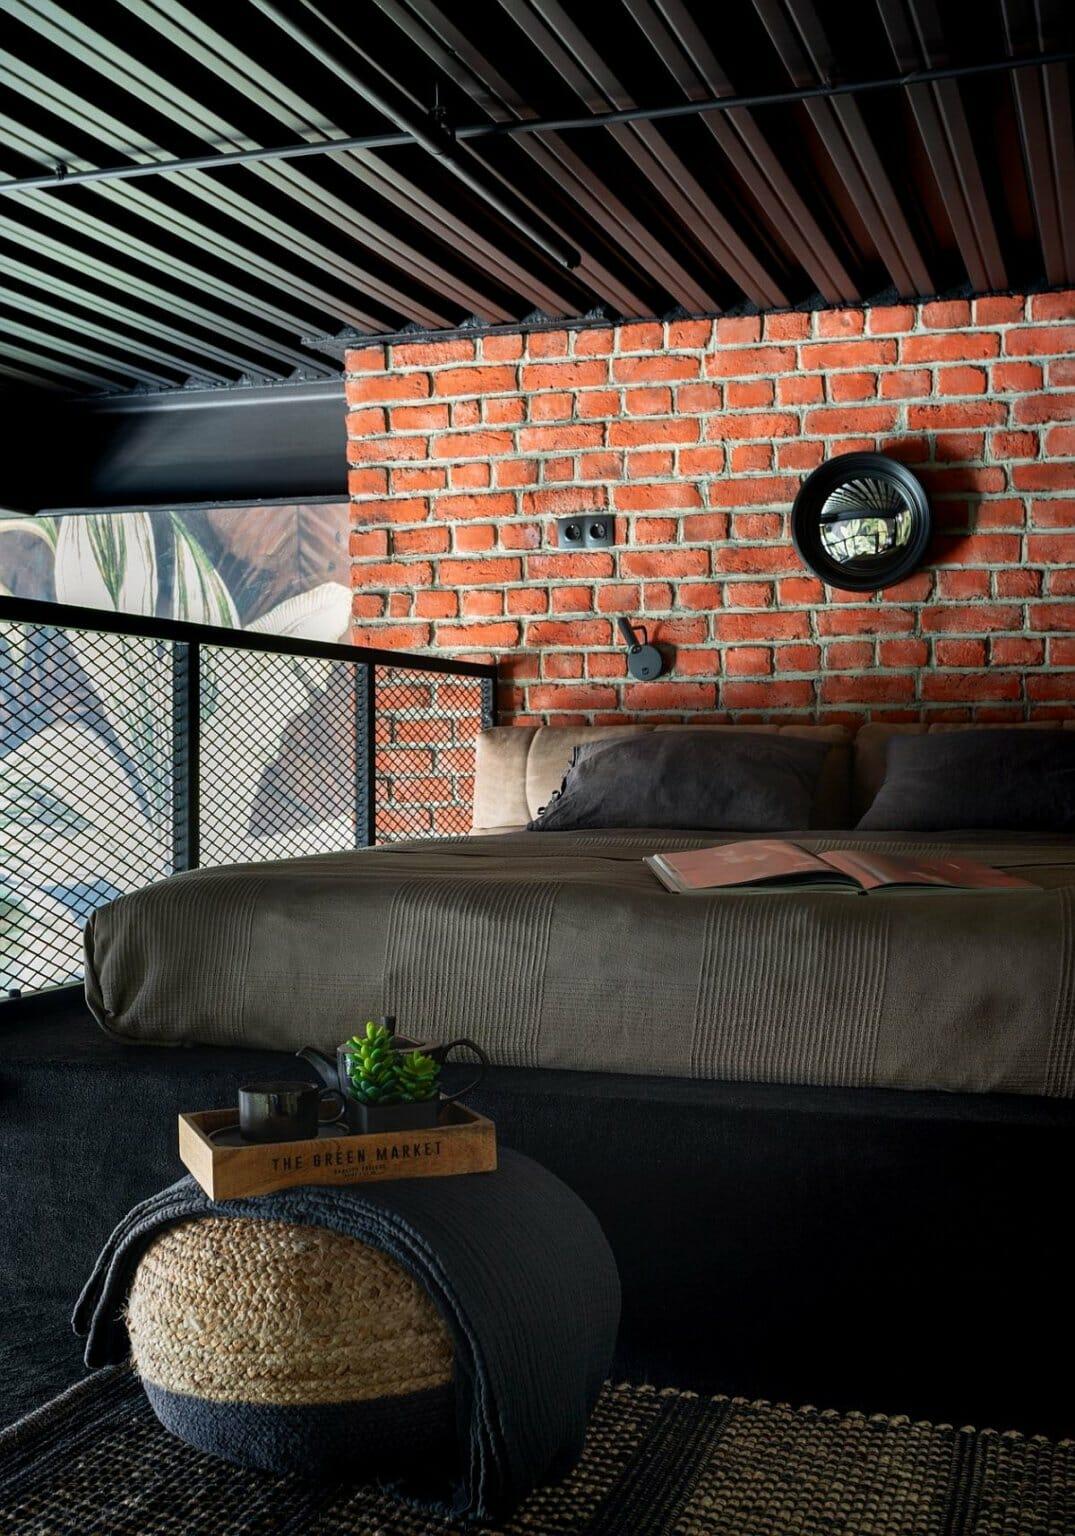 hình ảnh phòng ngủ nhỏ trên gác lửng với lan can lưới kim loại, tường gạch đầu giường